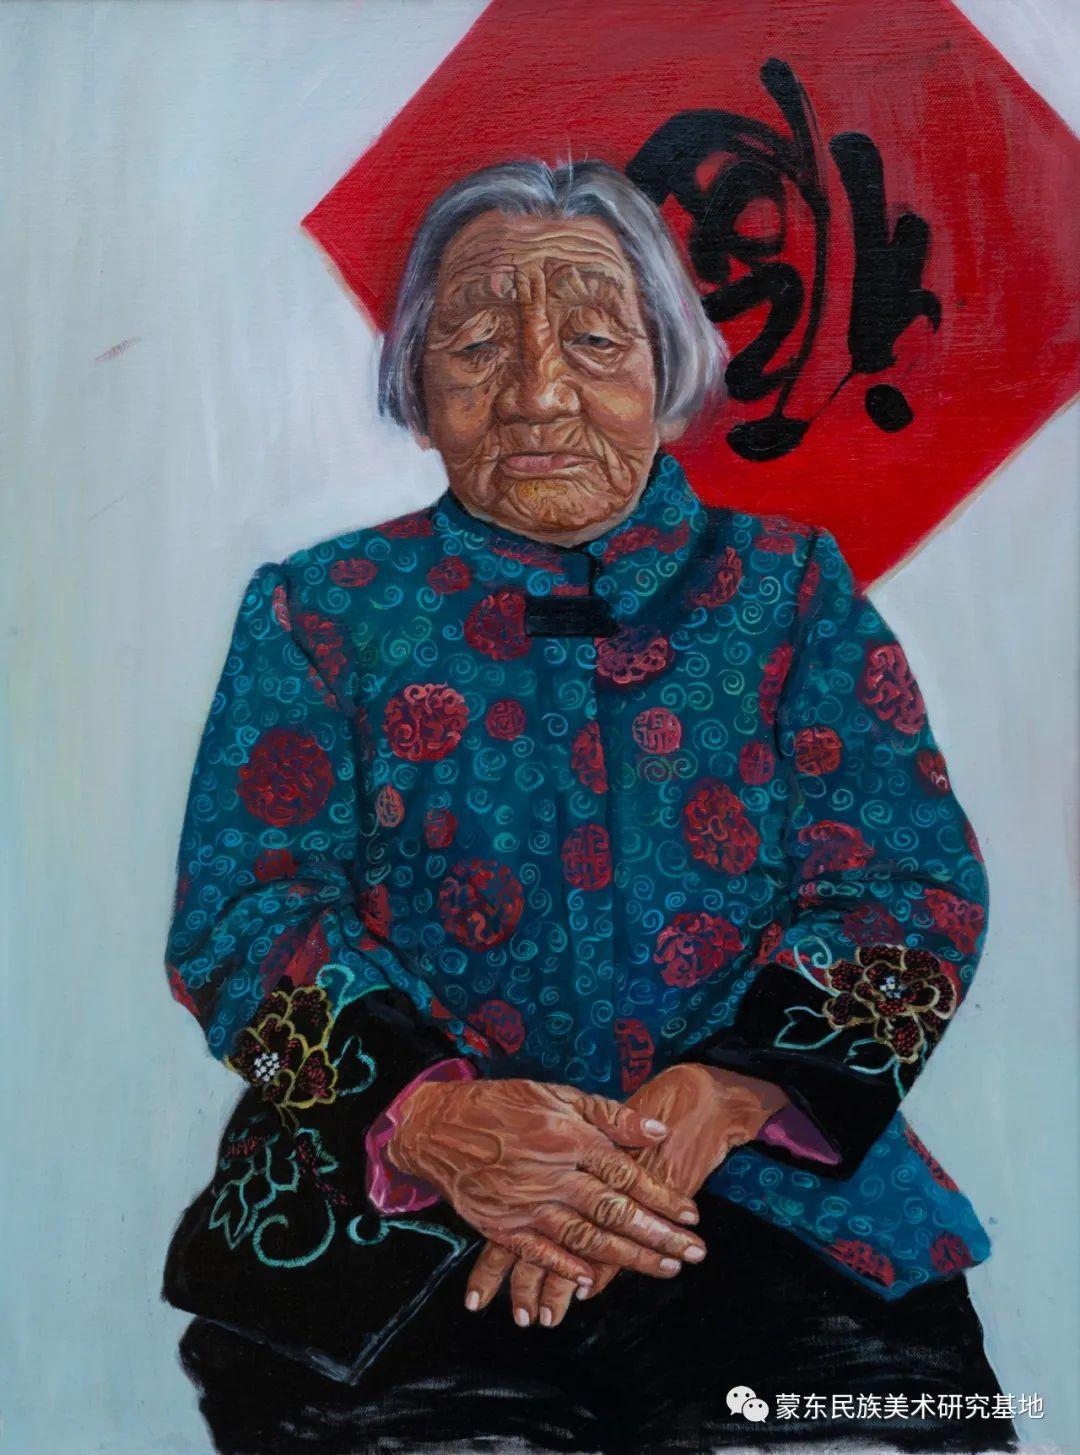 科尔沁首届油画展作品集 第37张 科尔沁首届油画展作品集 蒙古画廊